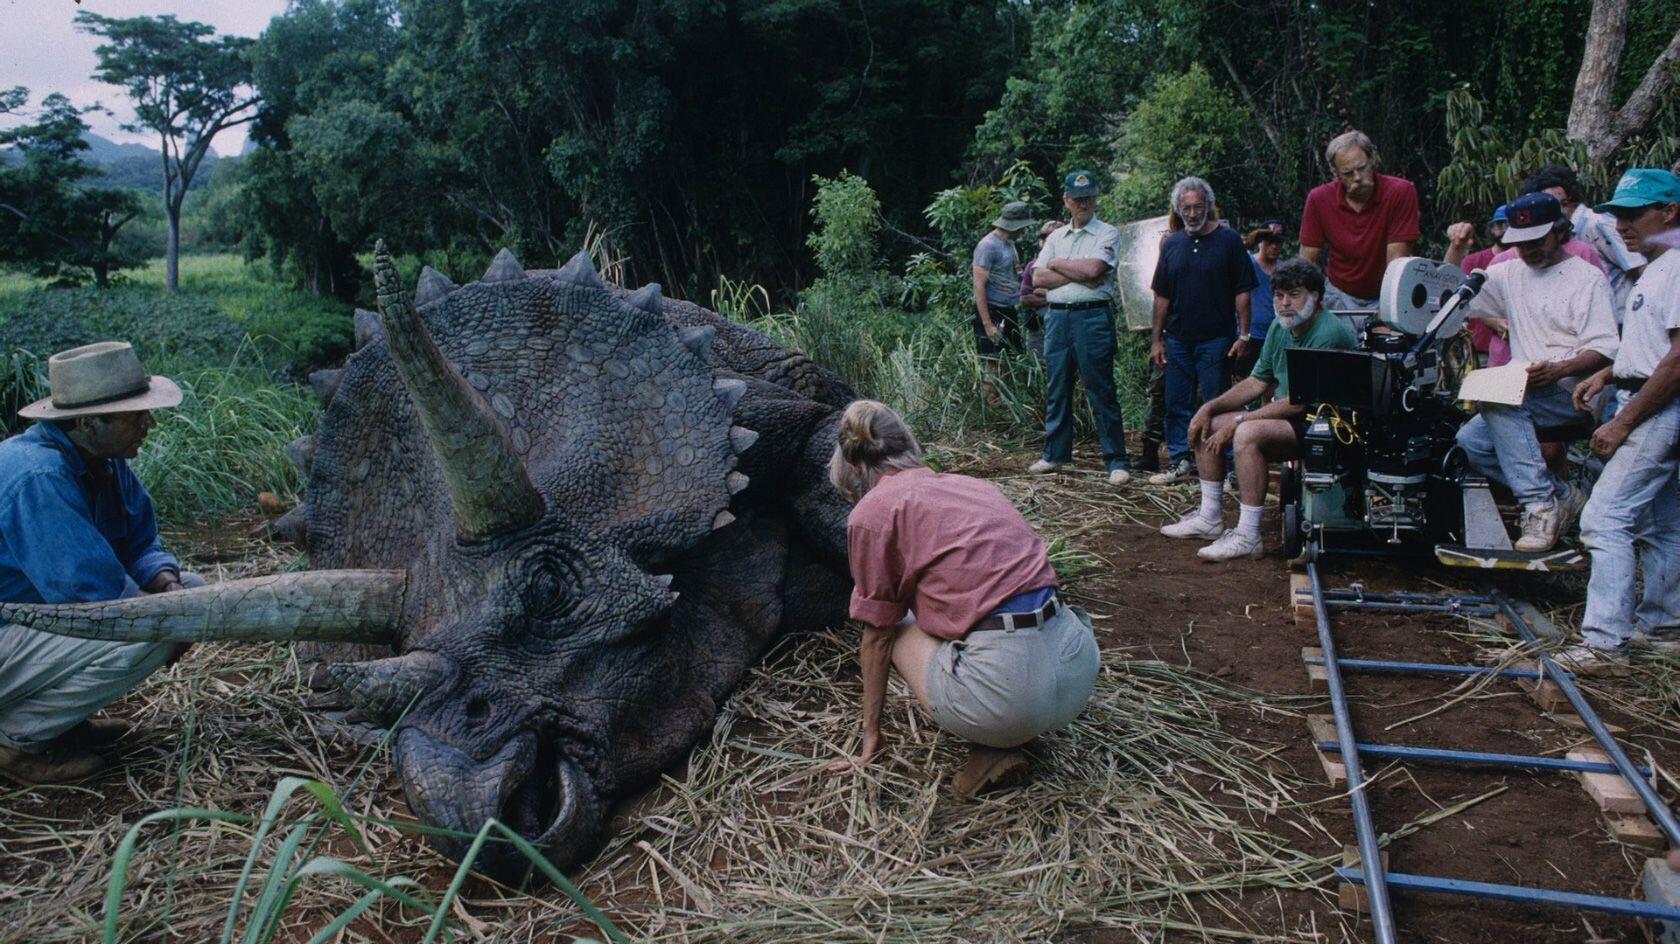 Jurassic Park anniversario